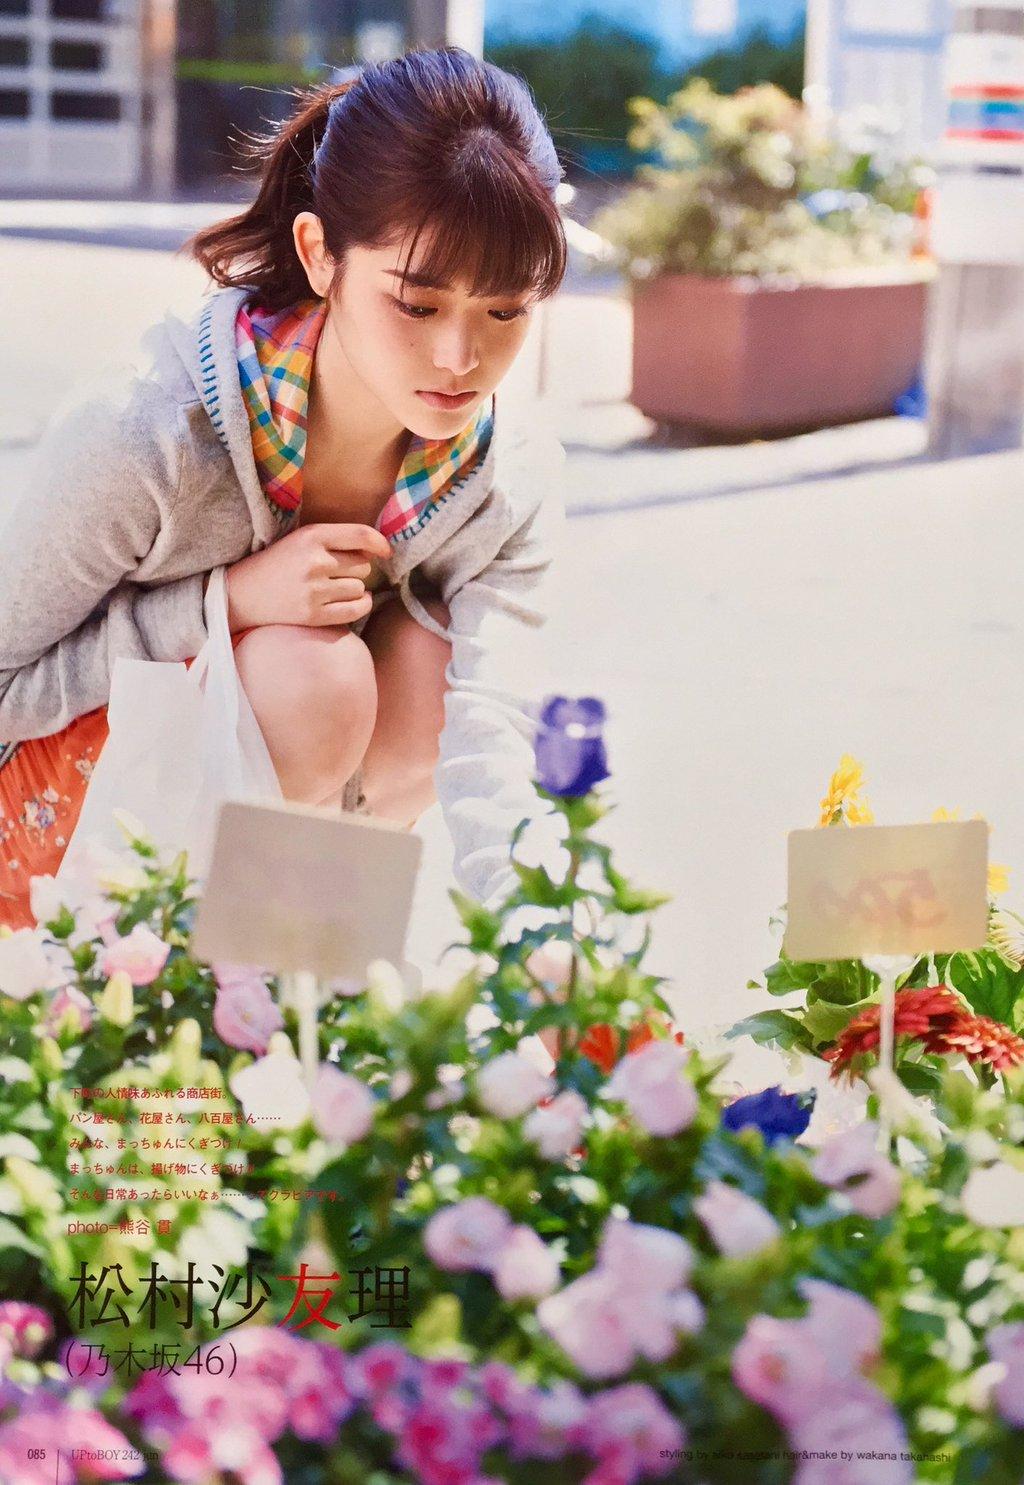 乃木坂46松村沙友理の写真集水着姿のエロ画像100枚・37枚目の画像